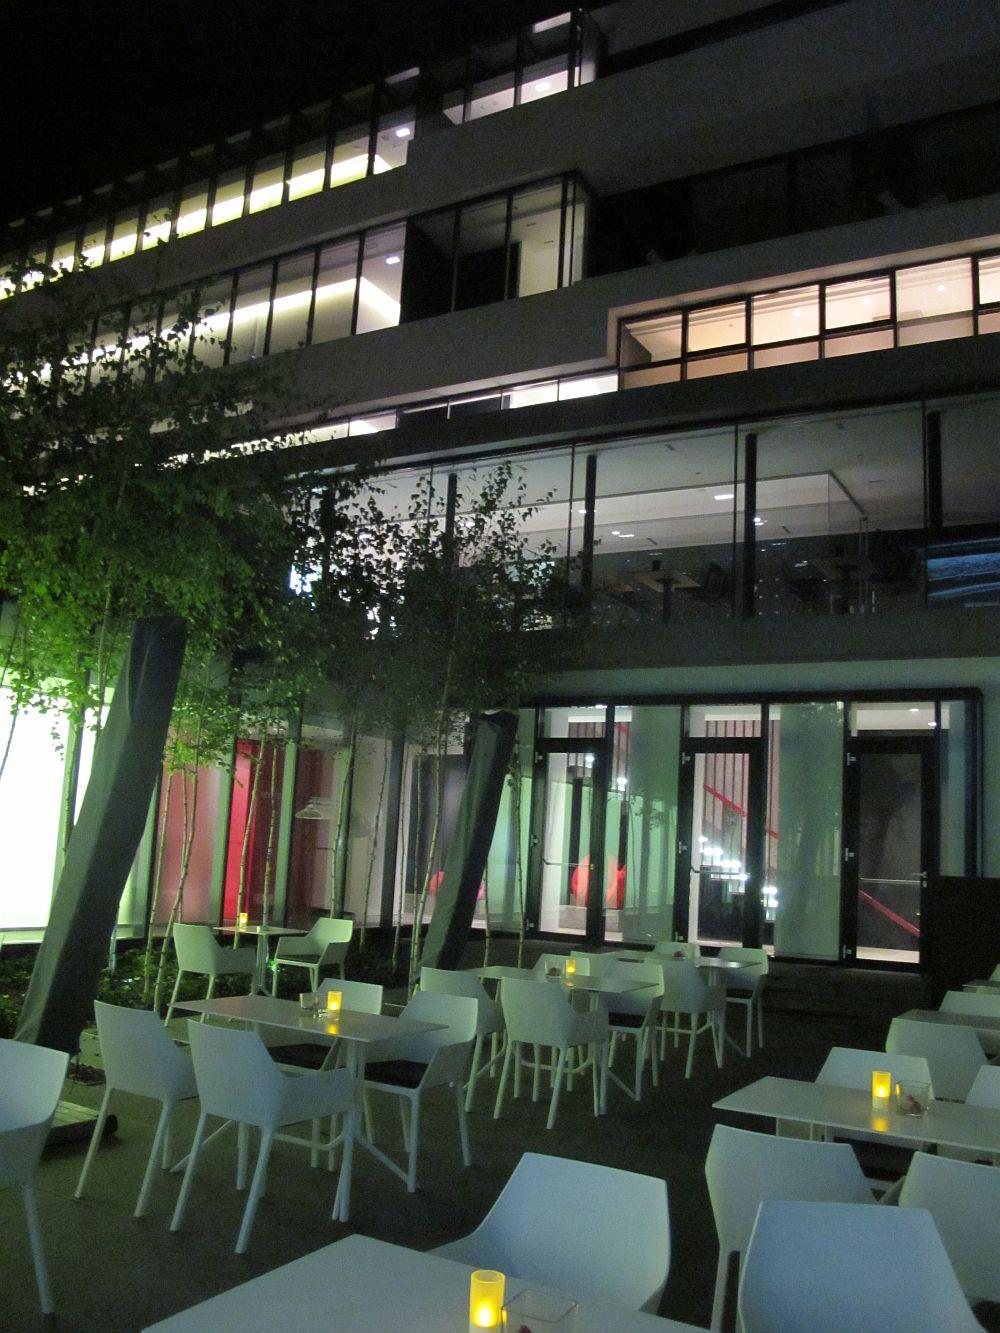 adelaparvu.com despre Hotel Privo, TgMures, Romania, architectura De3 Grup (66)